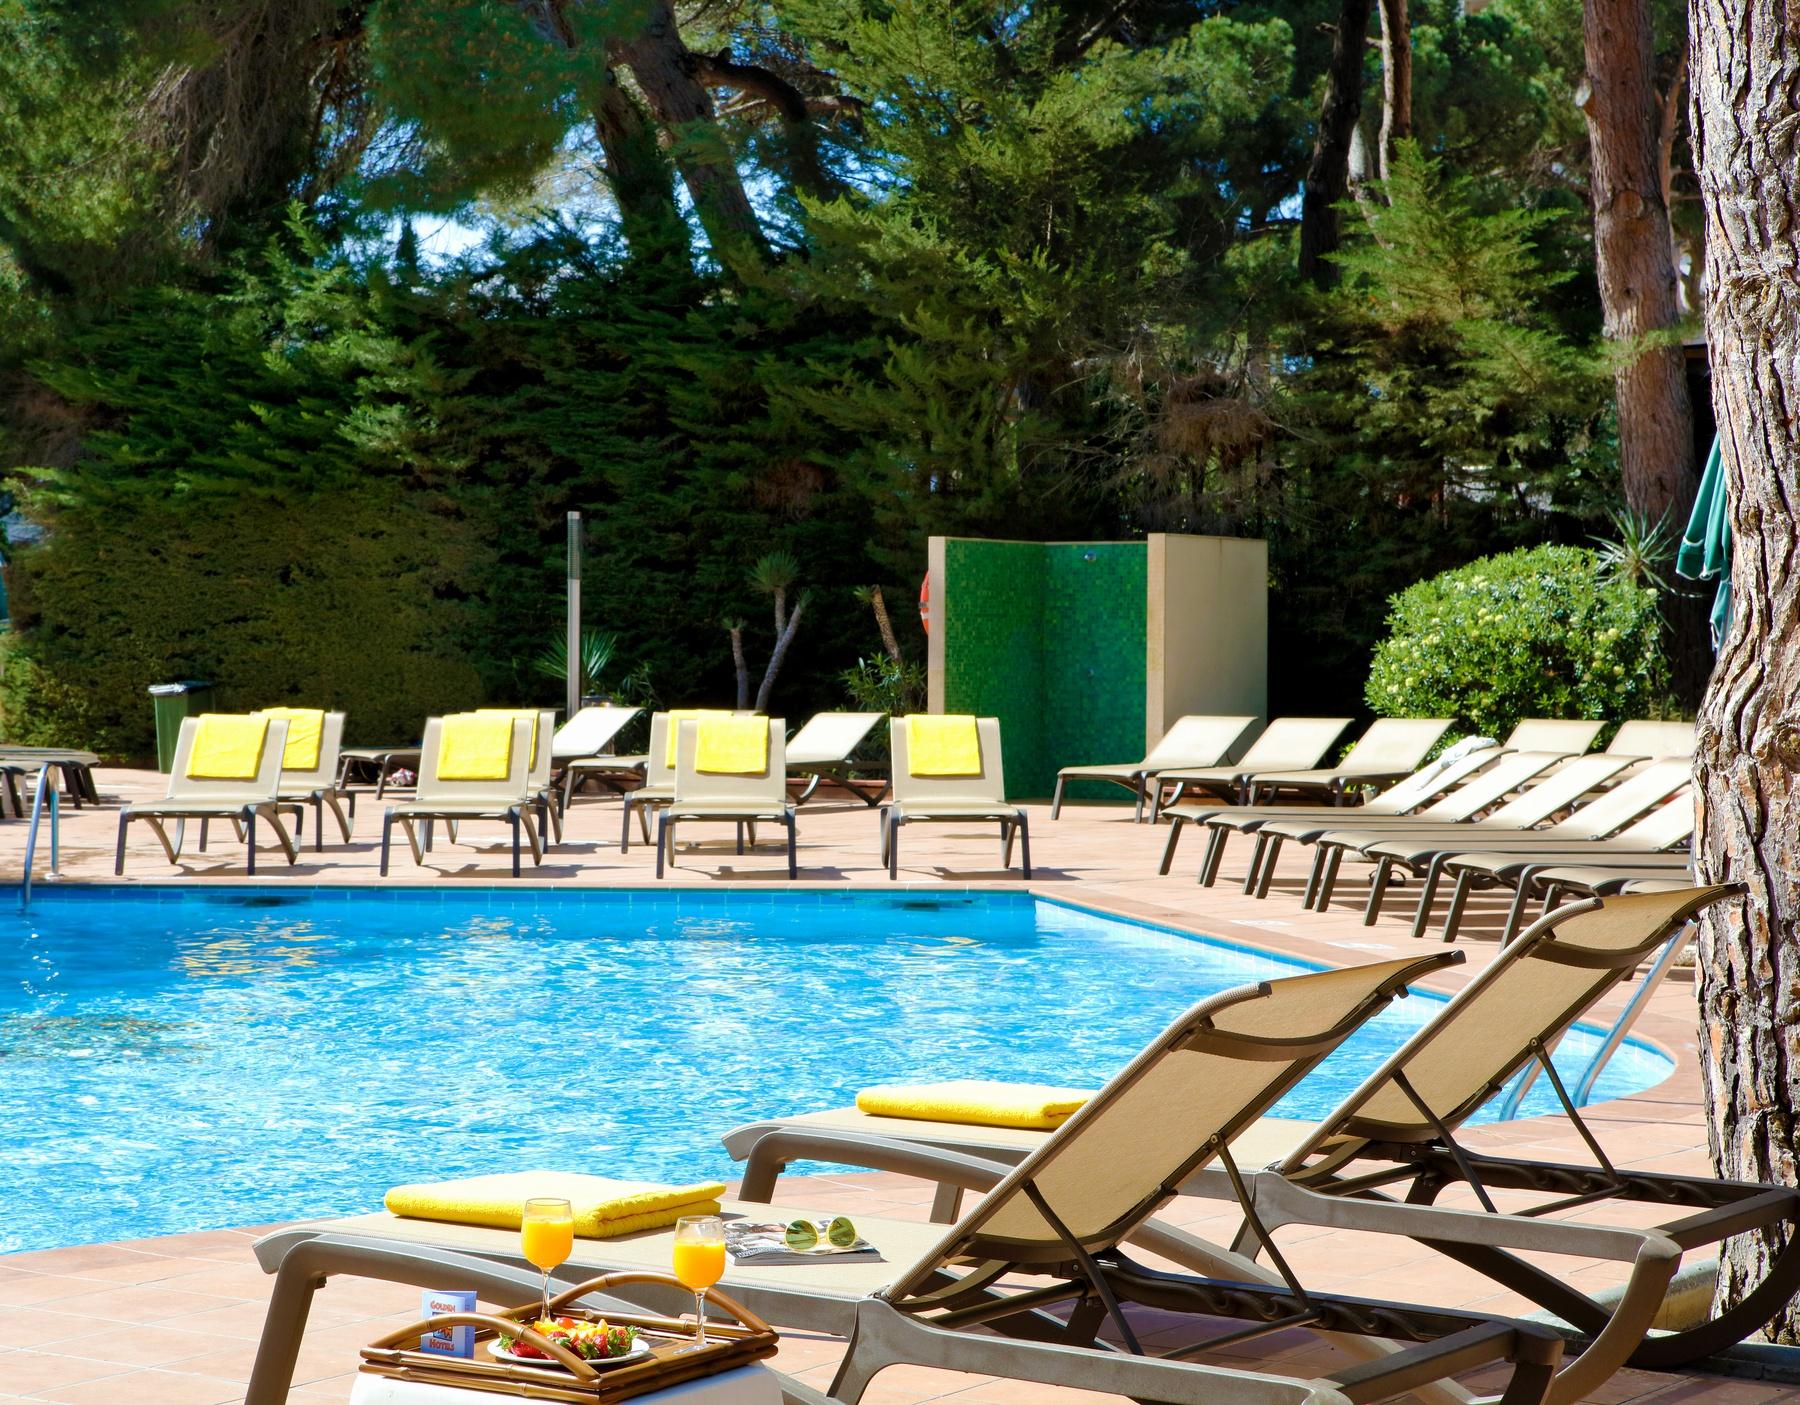 00 piscina actividades hamacas 2